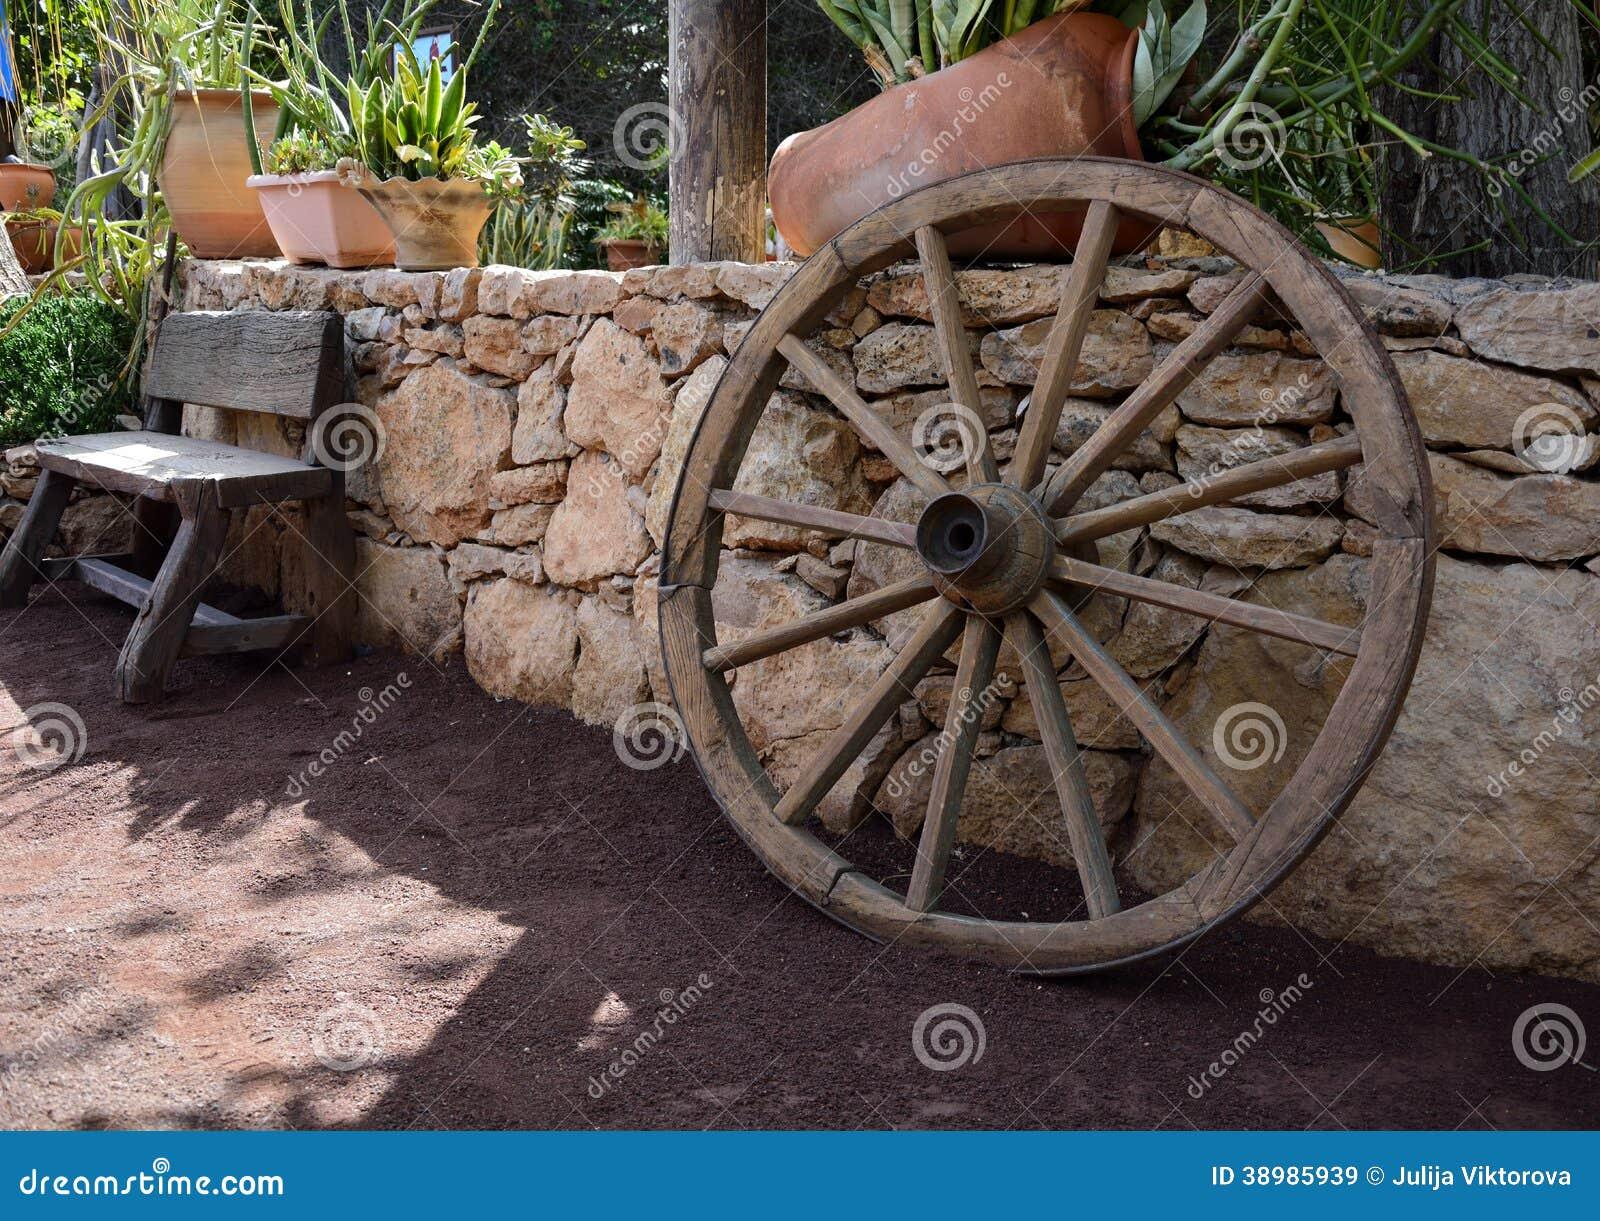 banco de jardim vetor:Decorazioni, Banco E Ruota Di Legno Del Giardino Fotografia Stock